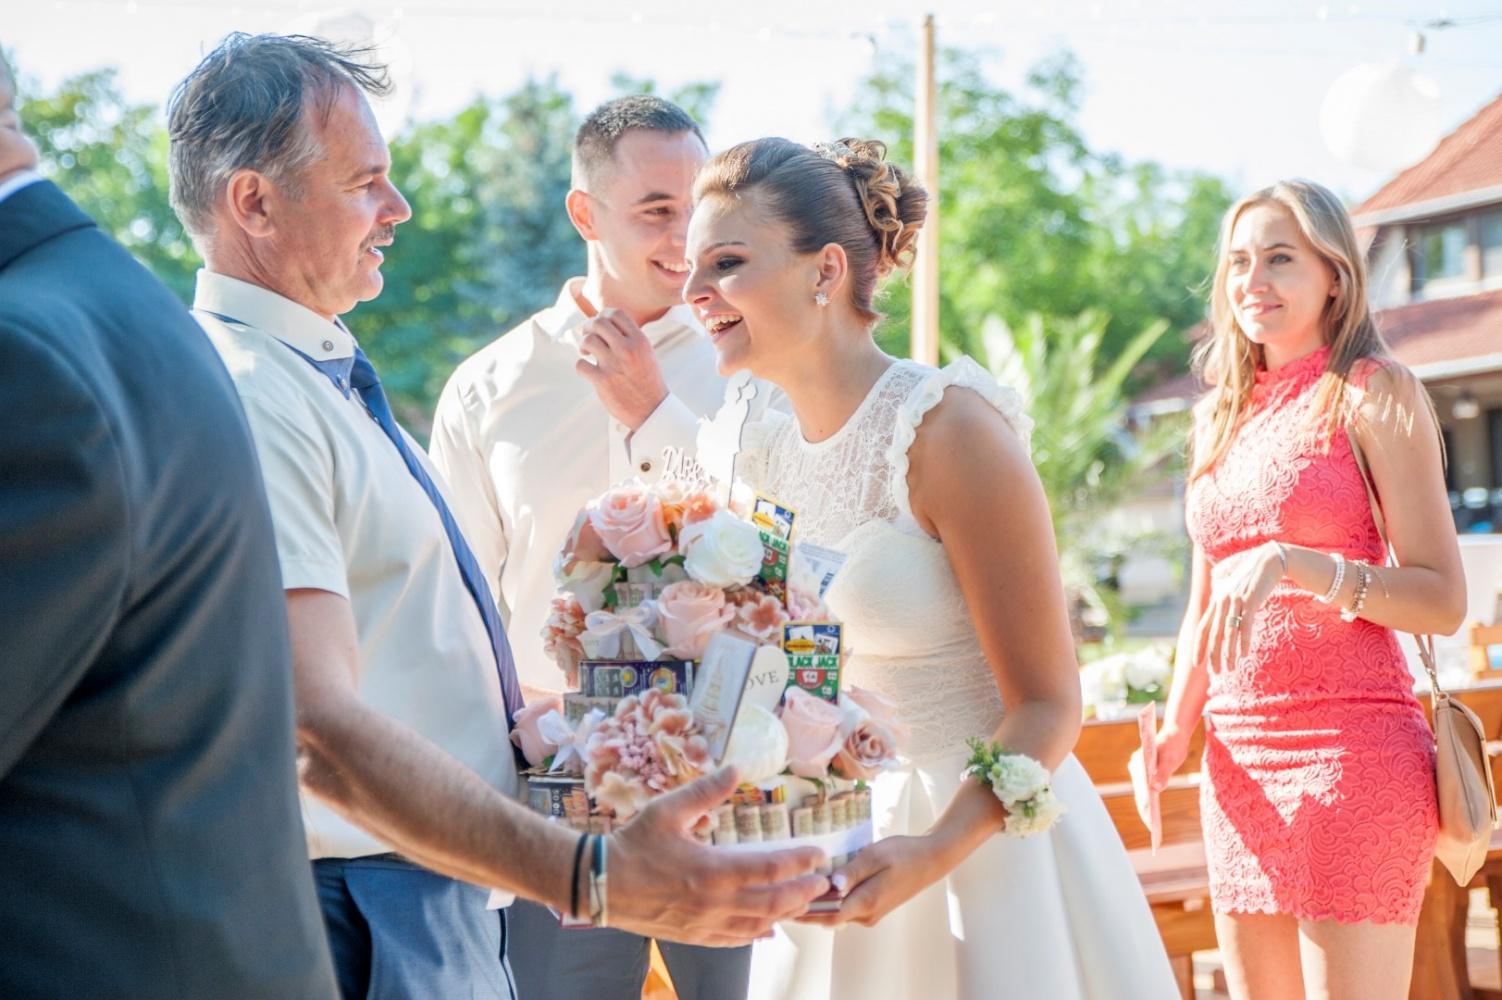 http://www.fotoz.sk/images/gallery-22/normal/eskuvoi-fotos_svadobny-fotograf_484.jpg